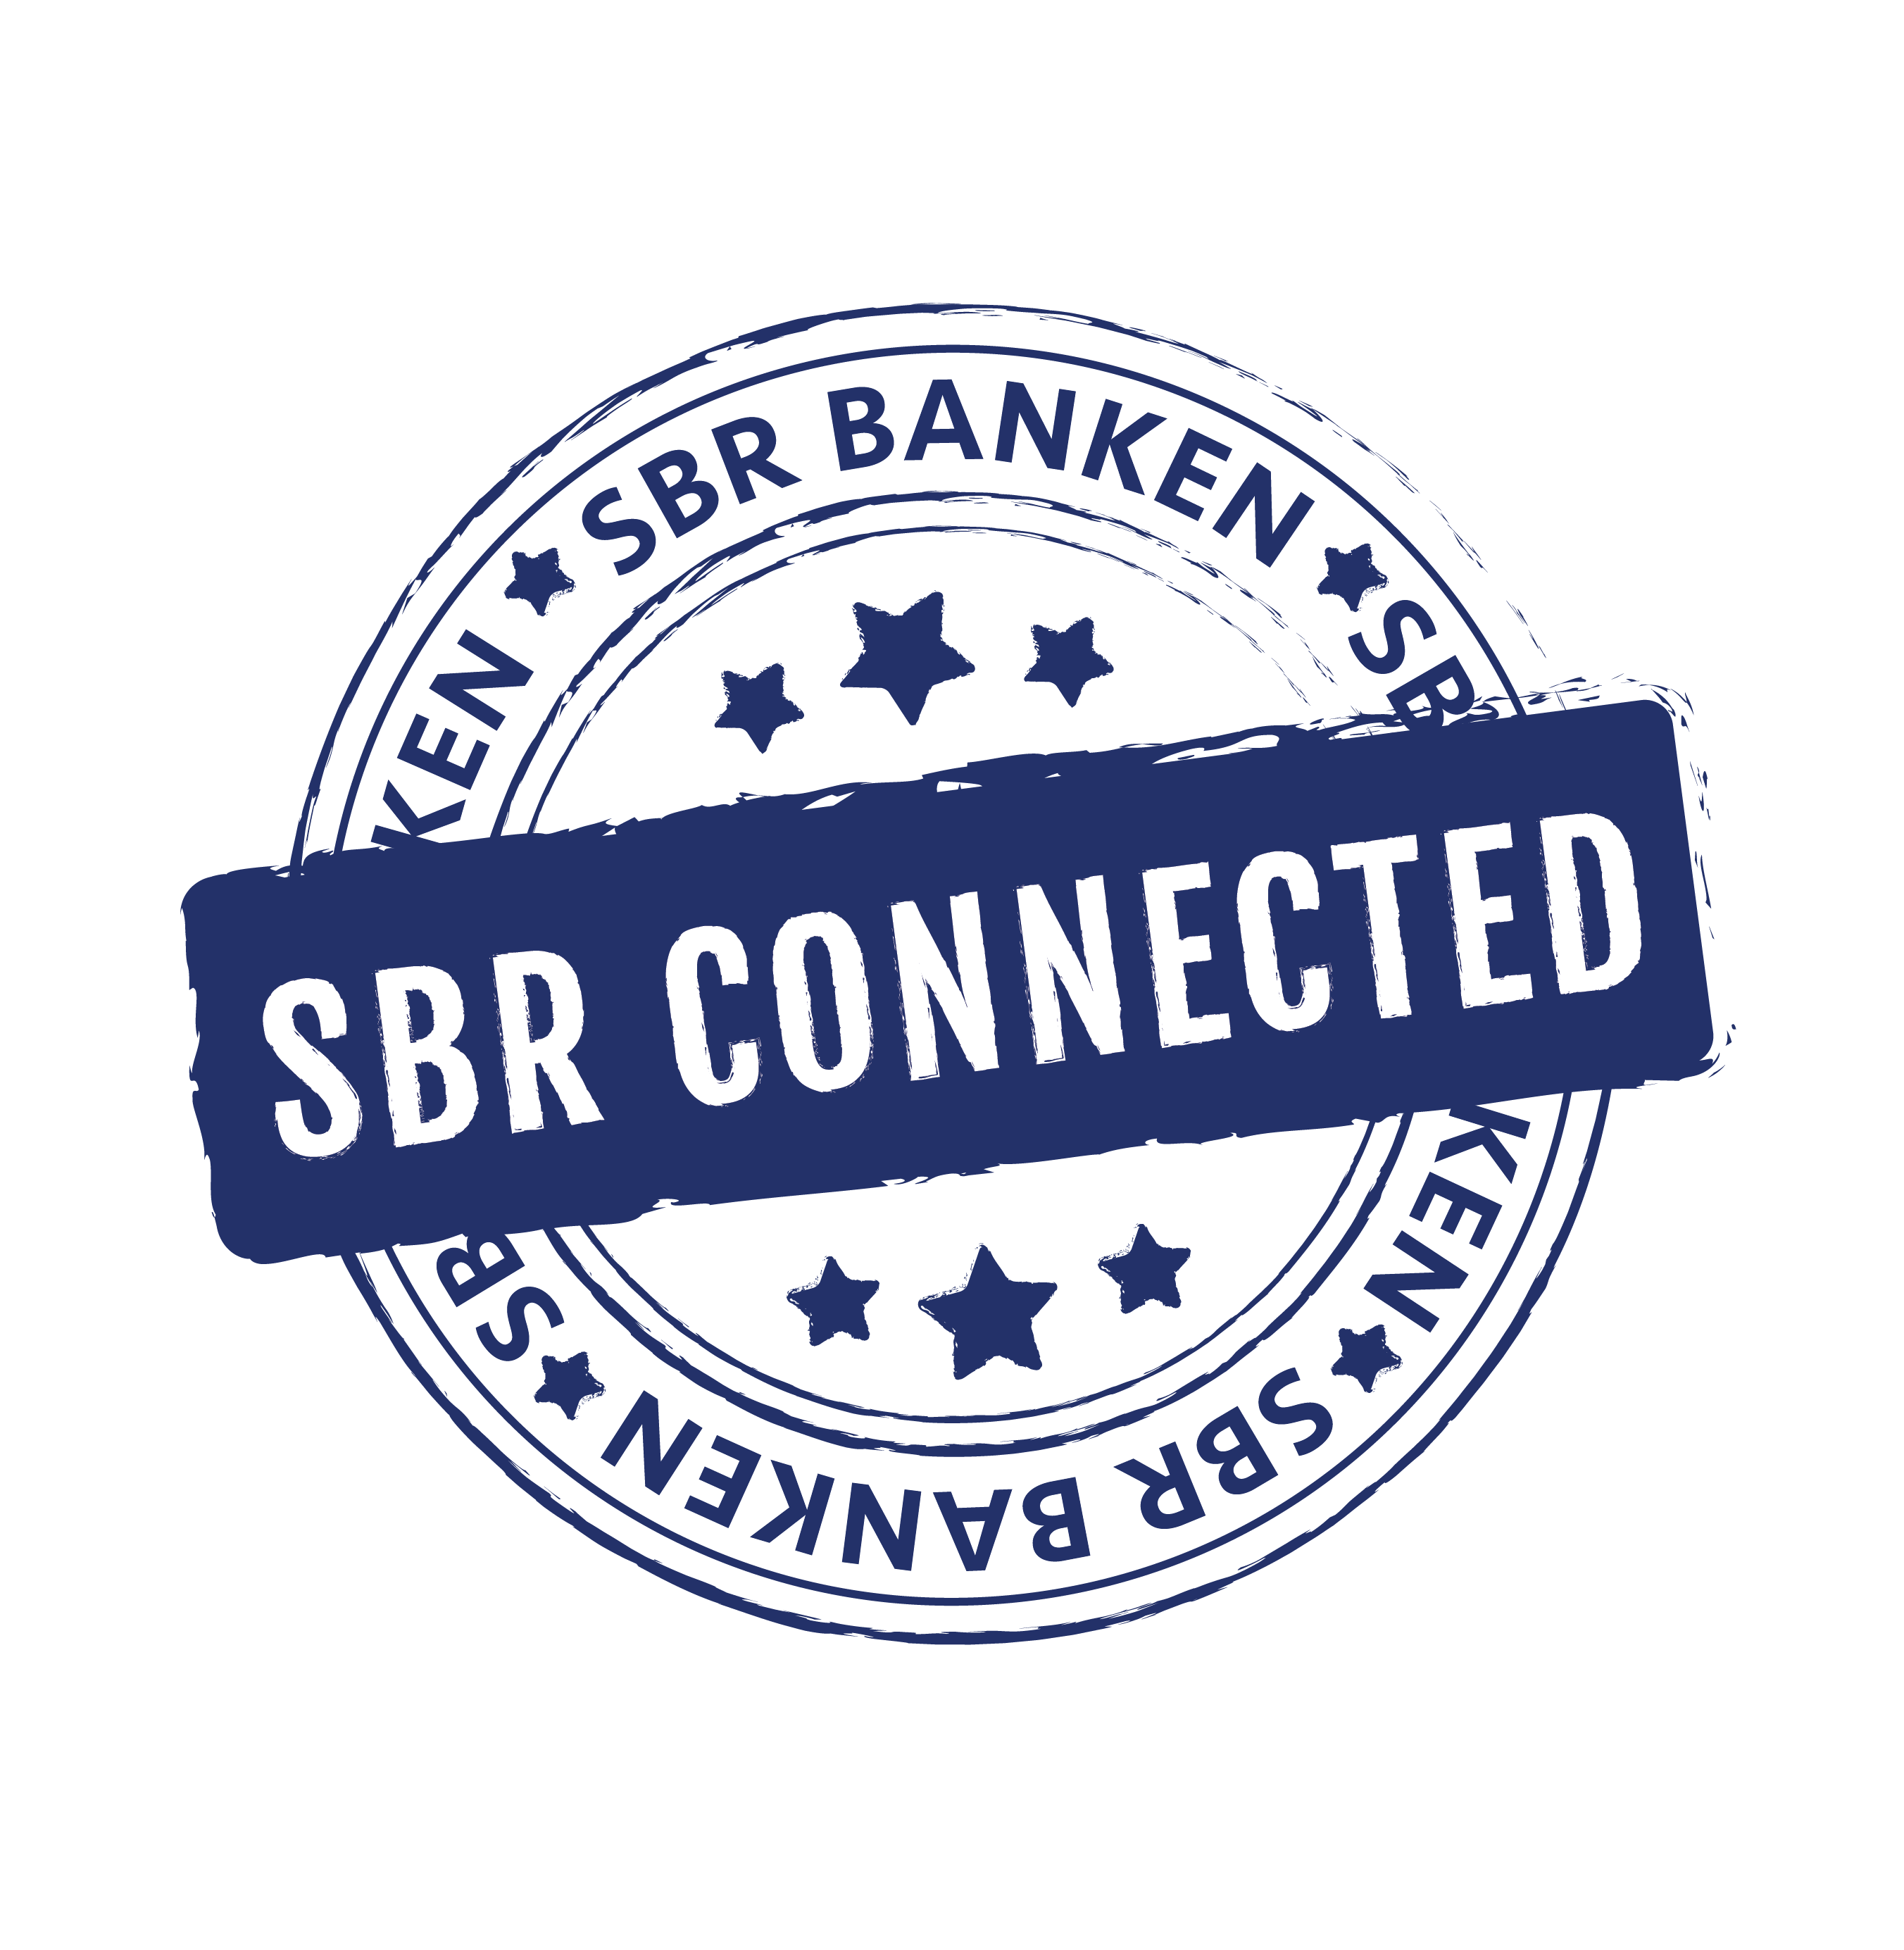 SBR banken connected